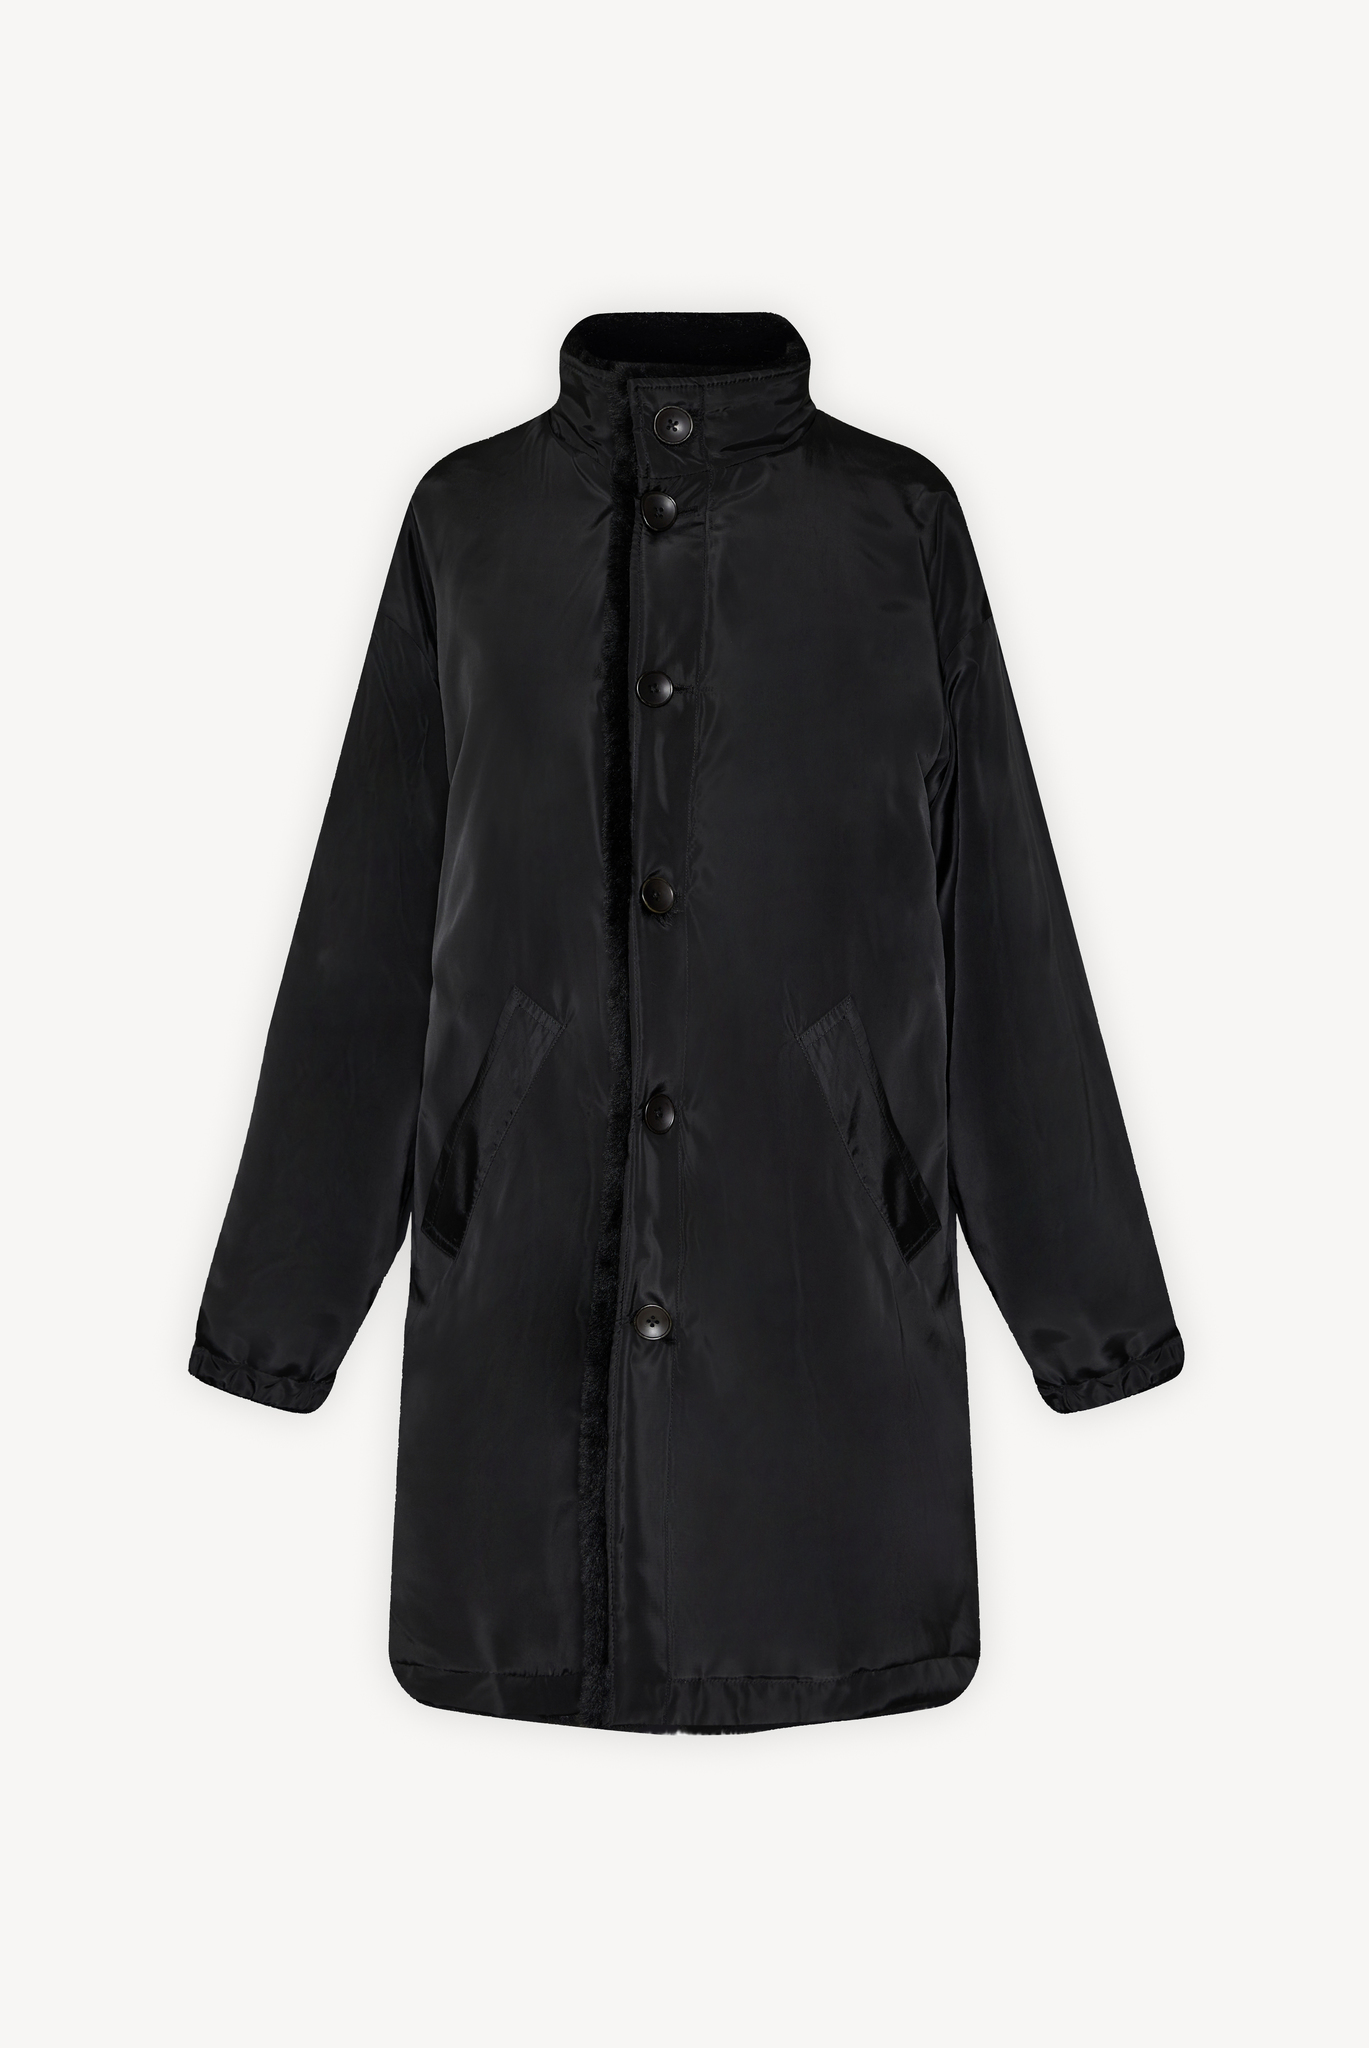 SIBYL - Двустороннее пальто средней длины